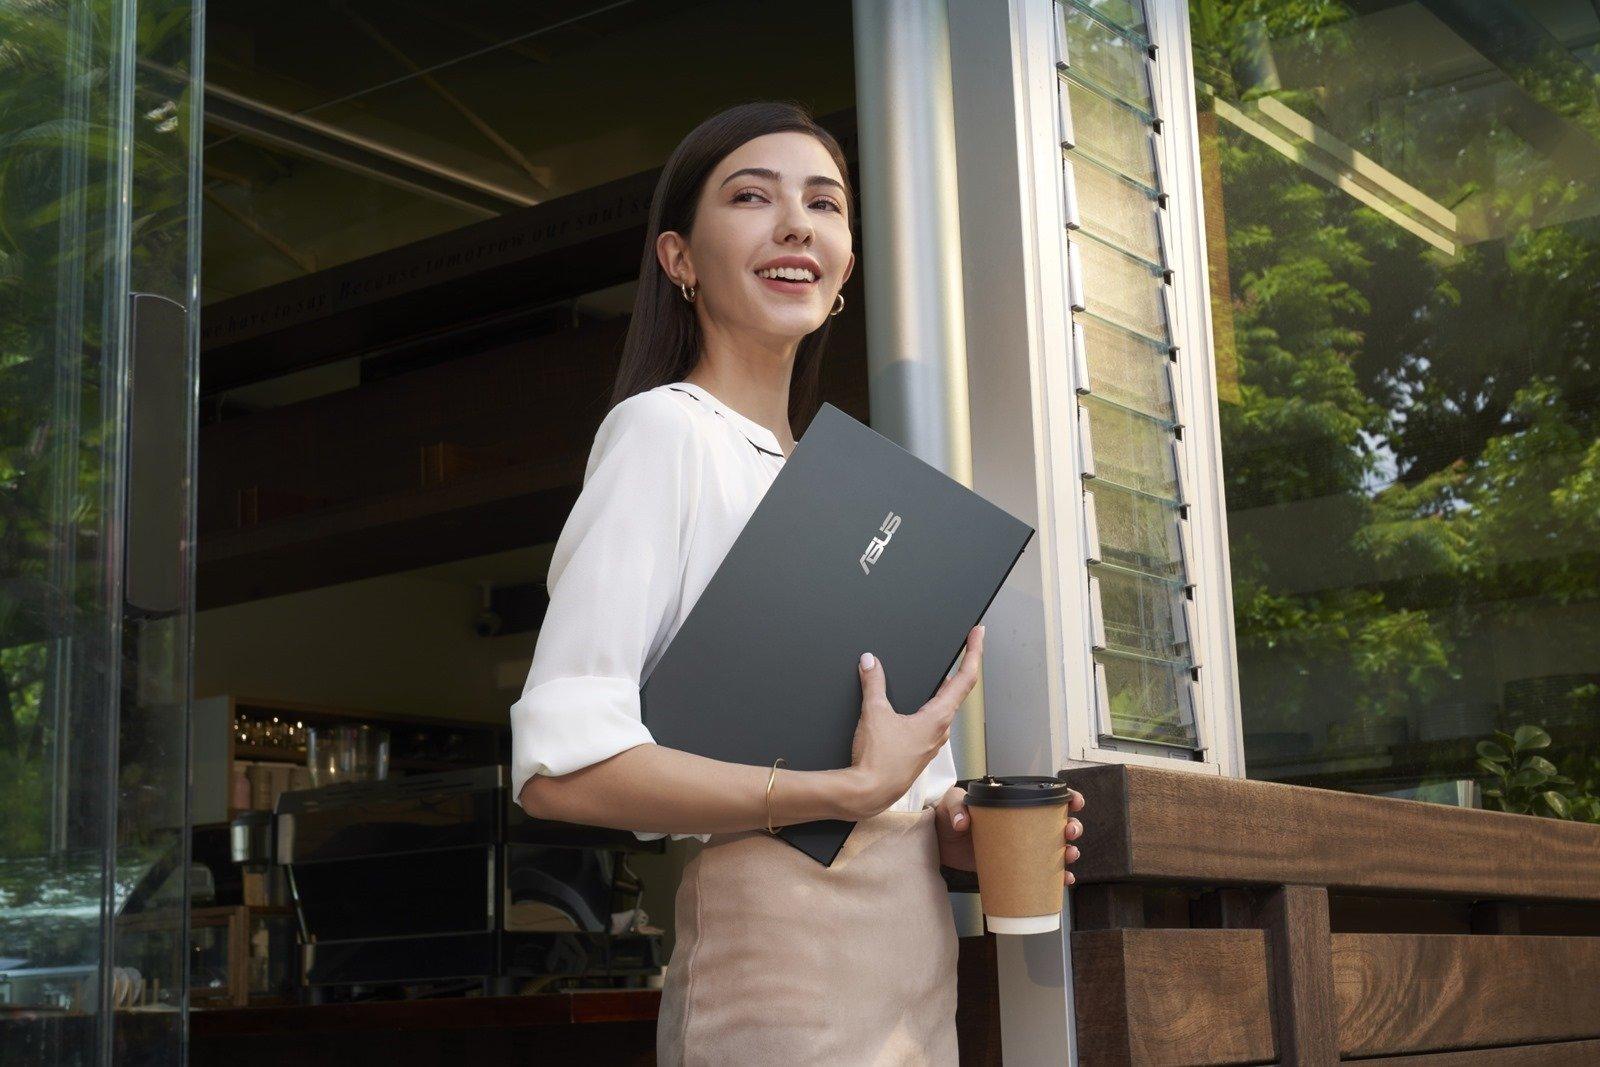 不到 1 公斤!ASUS ZenBook 14 Ultralight 輕巧亮相 @3C 達人廖阿輝